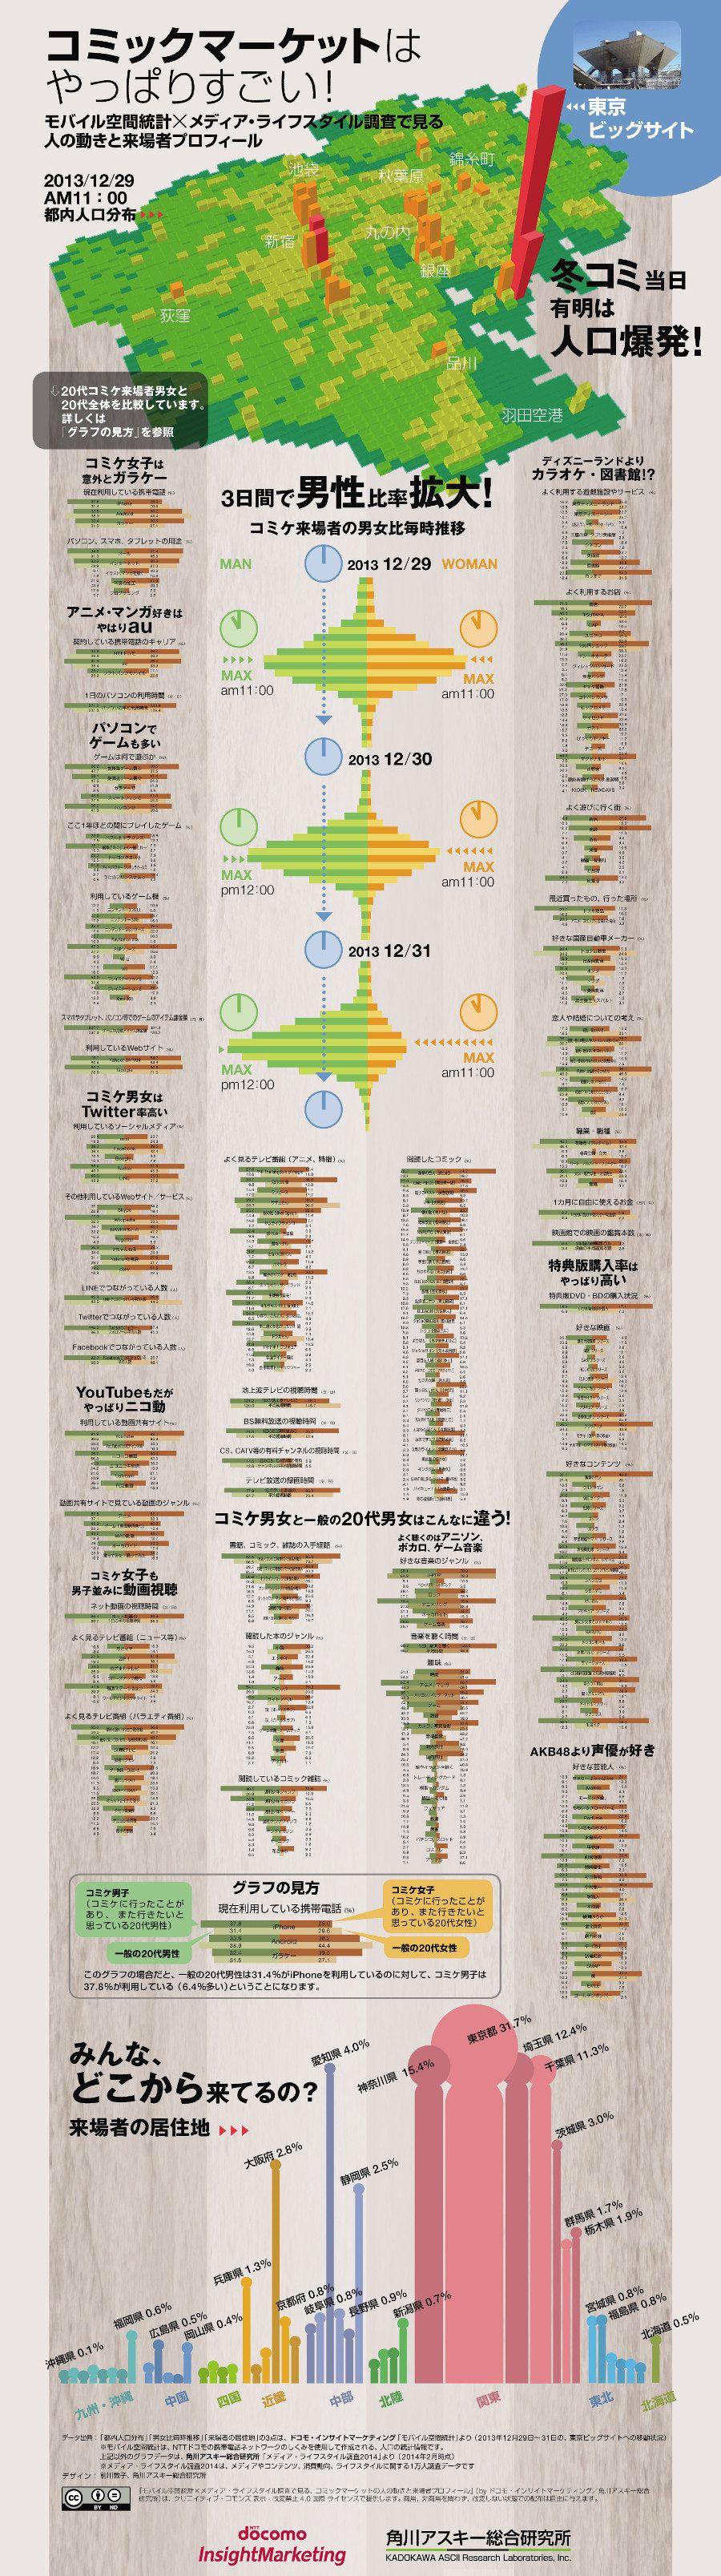 コミケ開催時、ビッグサイトの人口は新宿の3倍 インフォグラフィックで見る参加者の実態